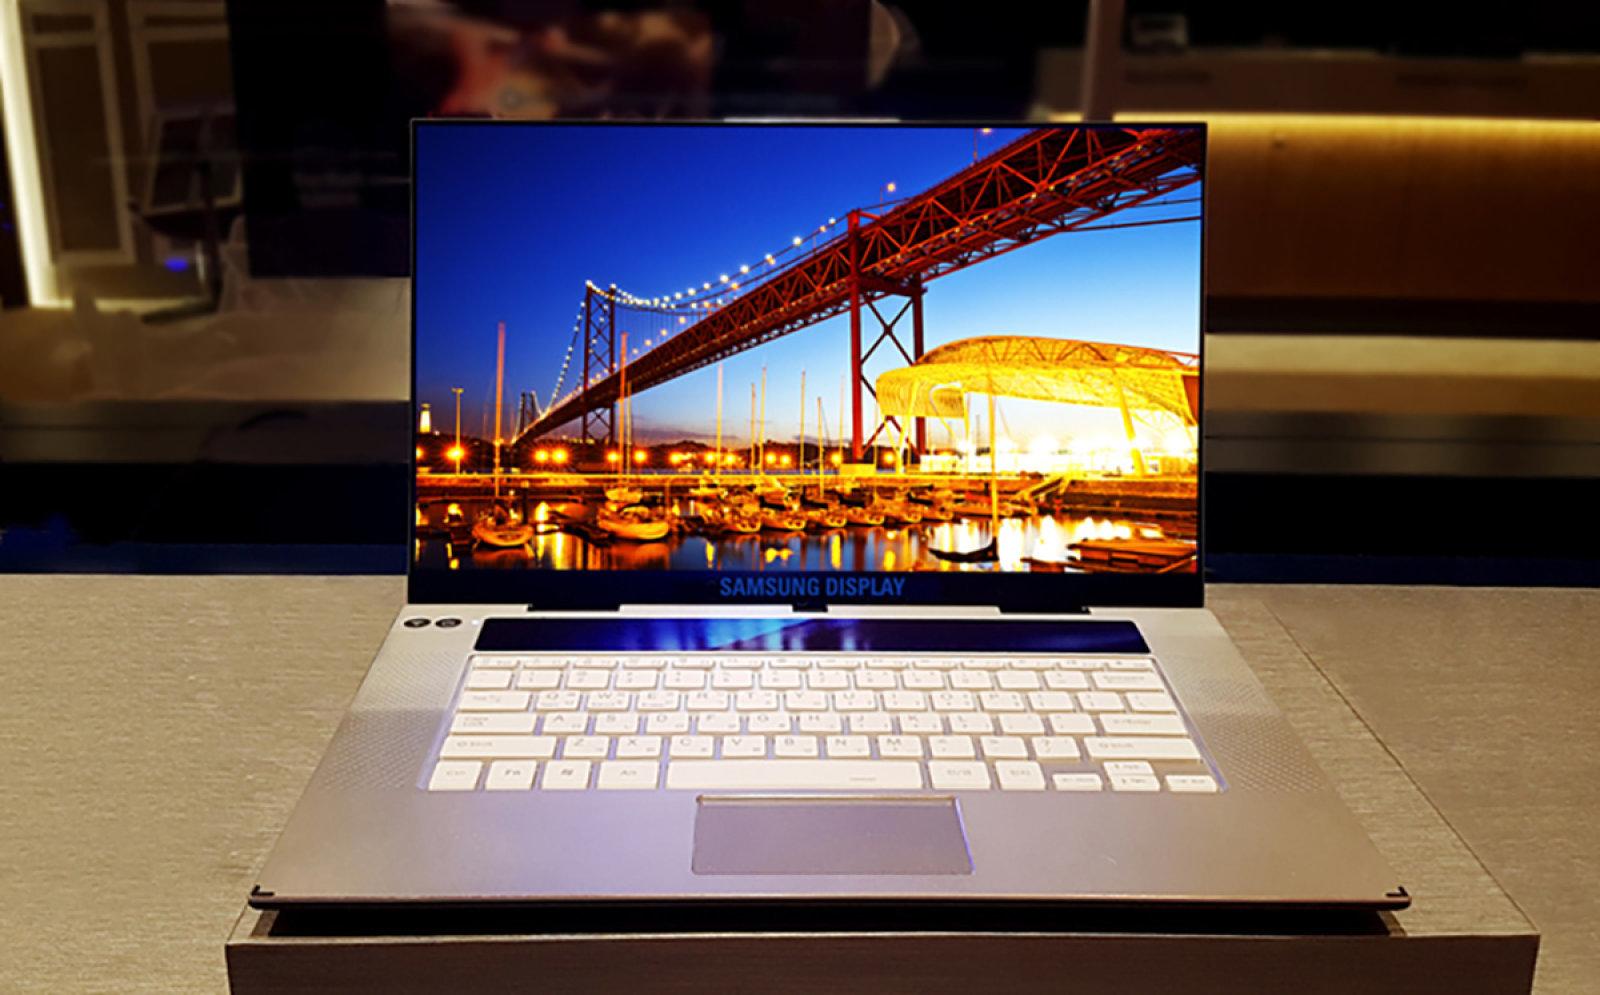 سامسونج تكشف عن أول شاشة OLED 4k قياس 15.6 بوصة